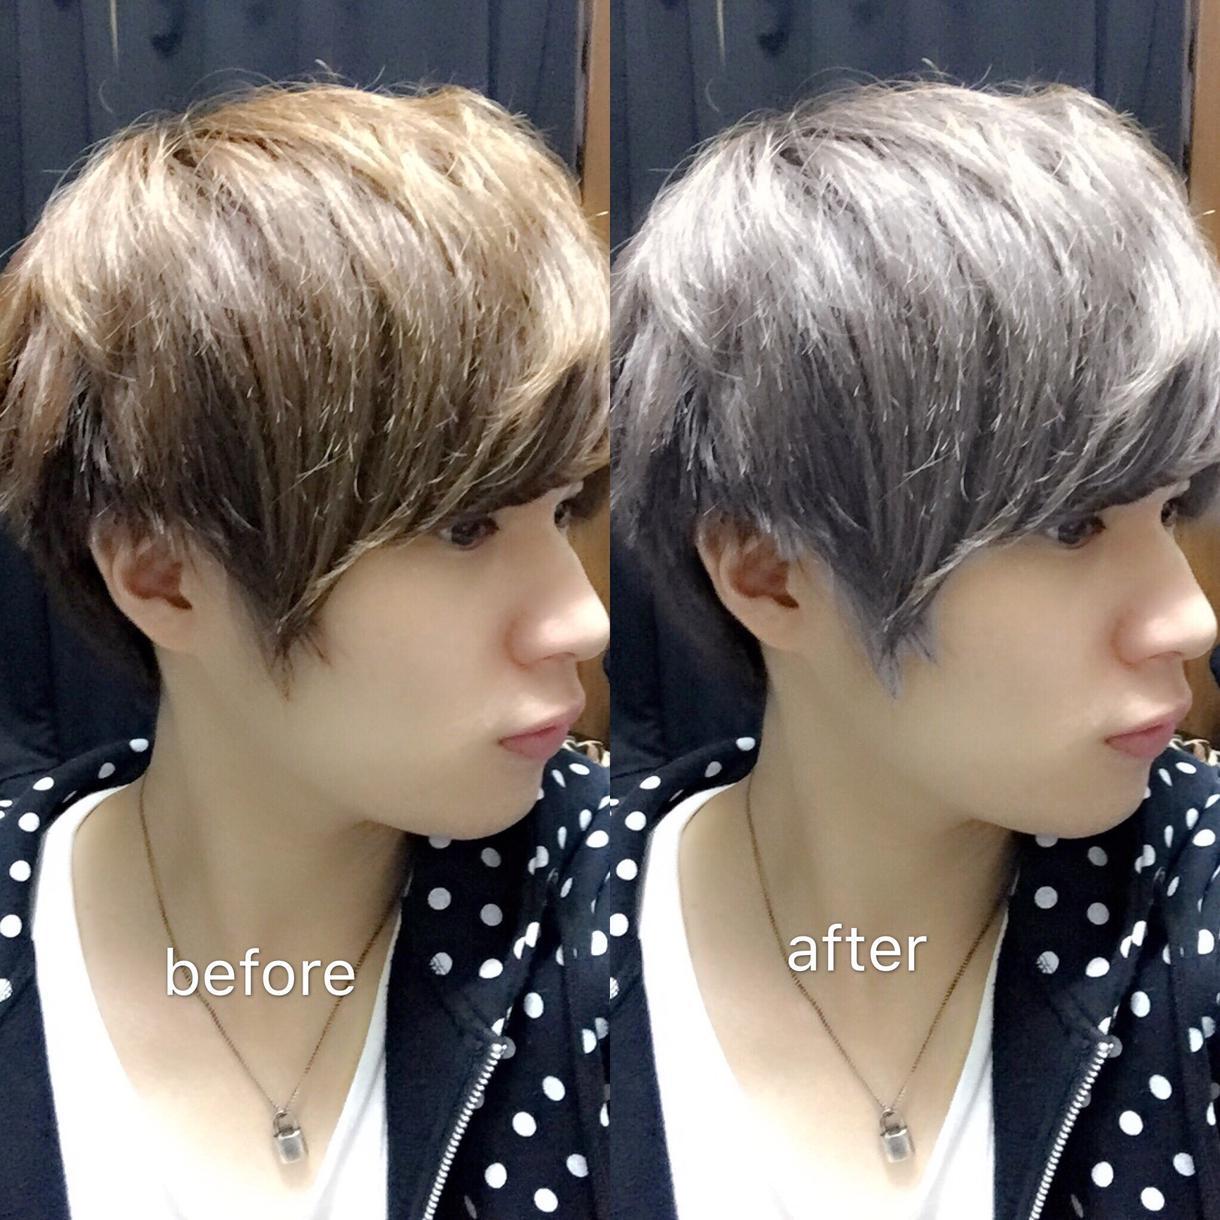 Photoshopであなたの髪色を自由に変えます どんな髪色が似合うかわからない方、仕事で髪色が変えれない方。